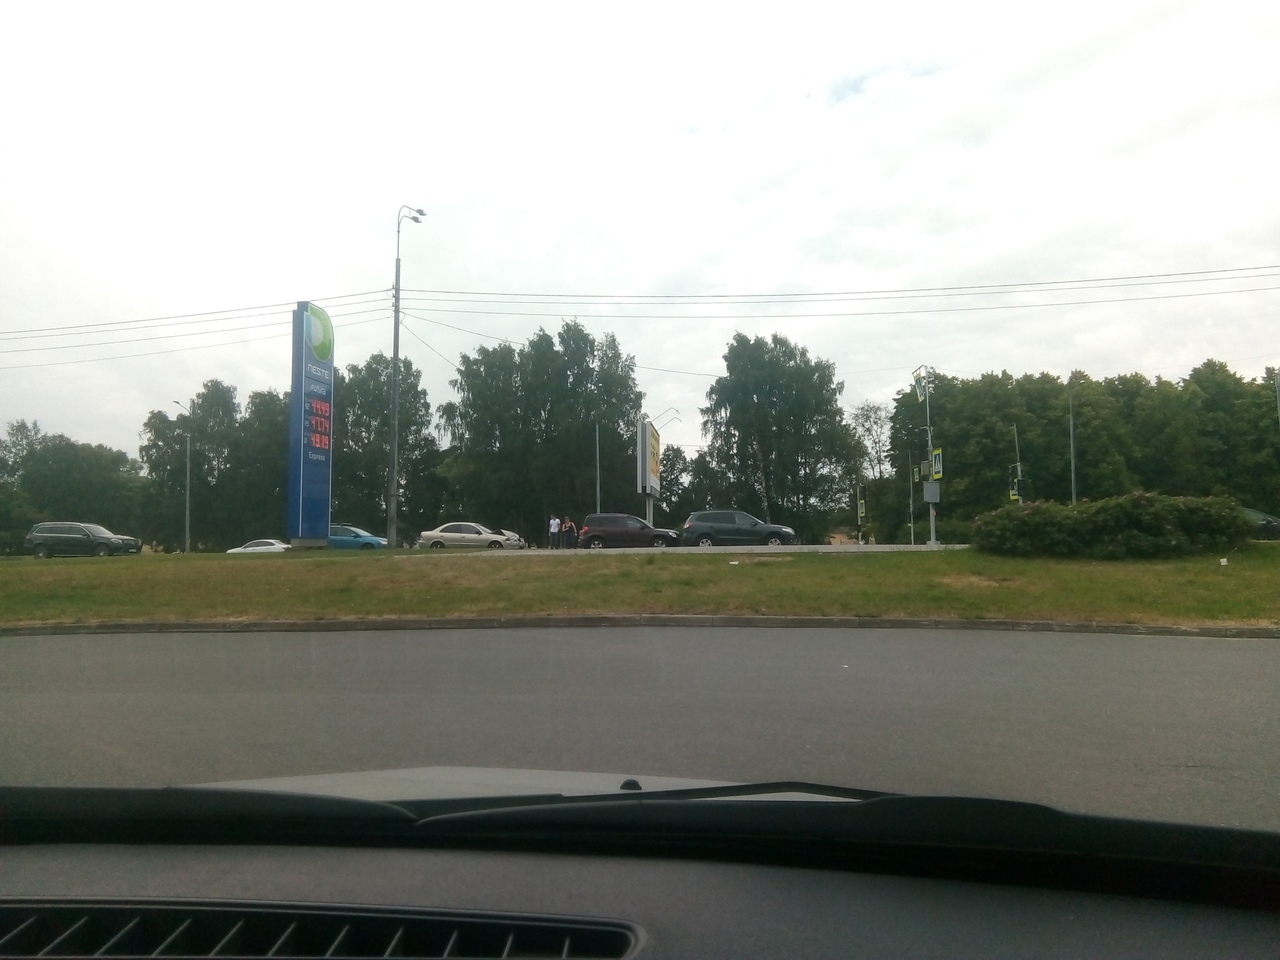 Паровозик из трёх машин на Непокорённых, перед светофором напротив заправки Несте.